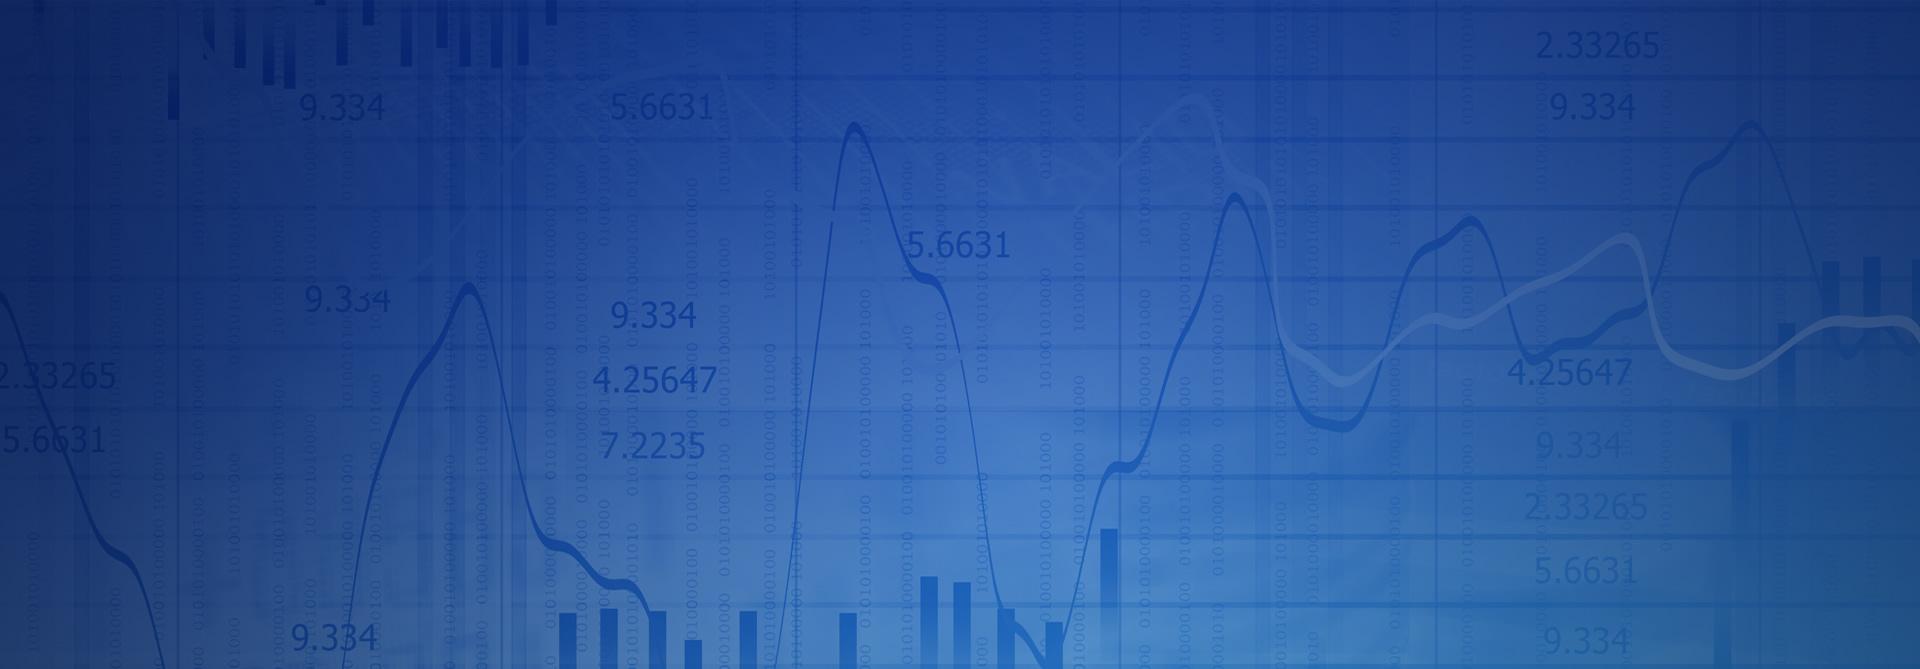 行业模型应用云亚博体育网页版登录